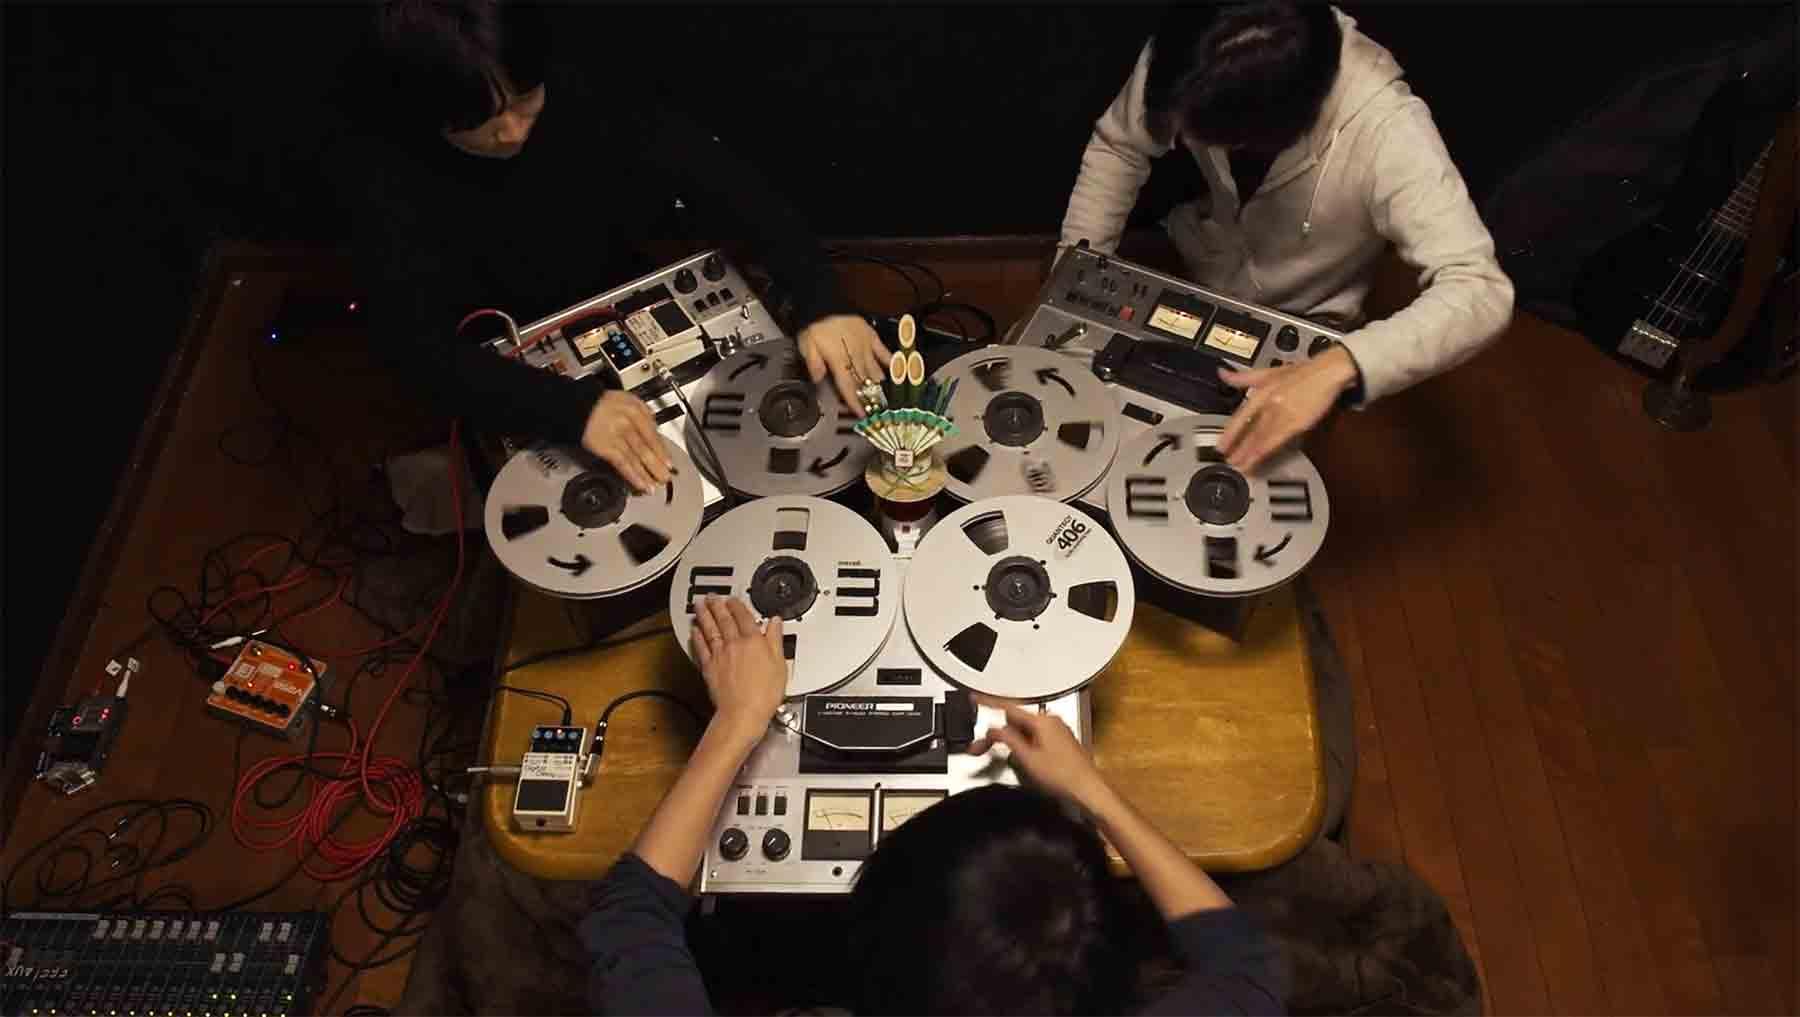 Musik auf Tonbandgeräten gespielt